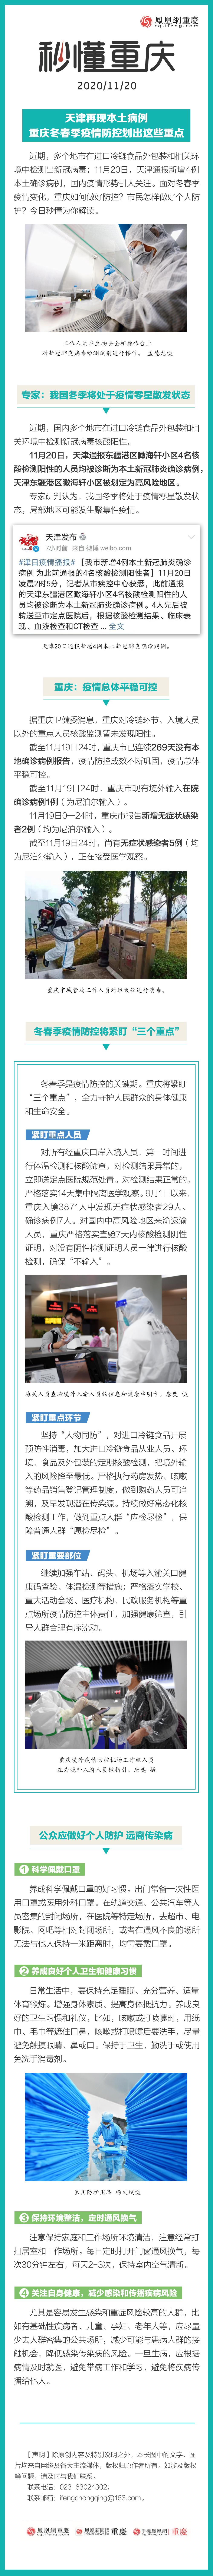 秒懂重庆 | 天津再现本土病例 重庆冬春季疫情防控划出这些重点